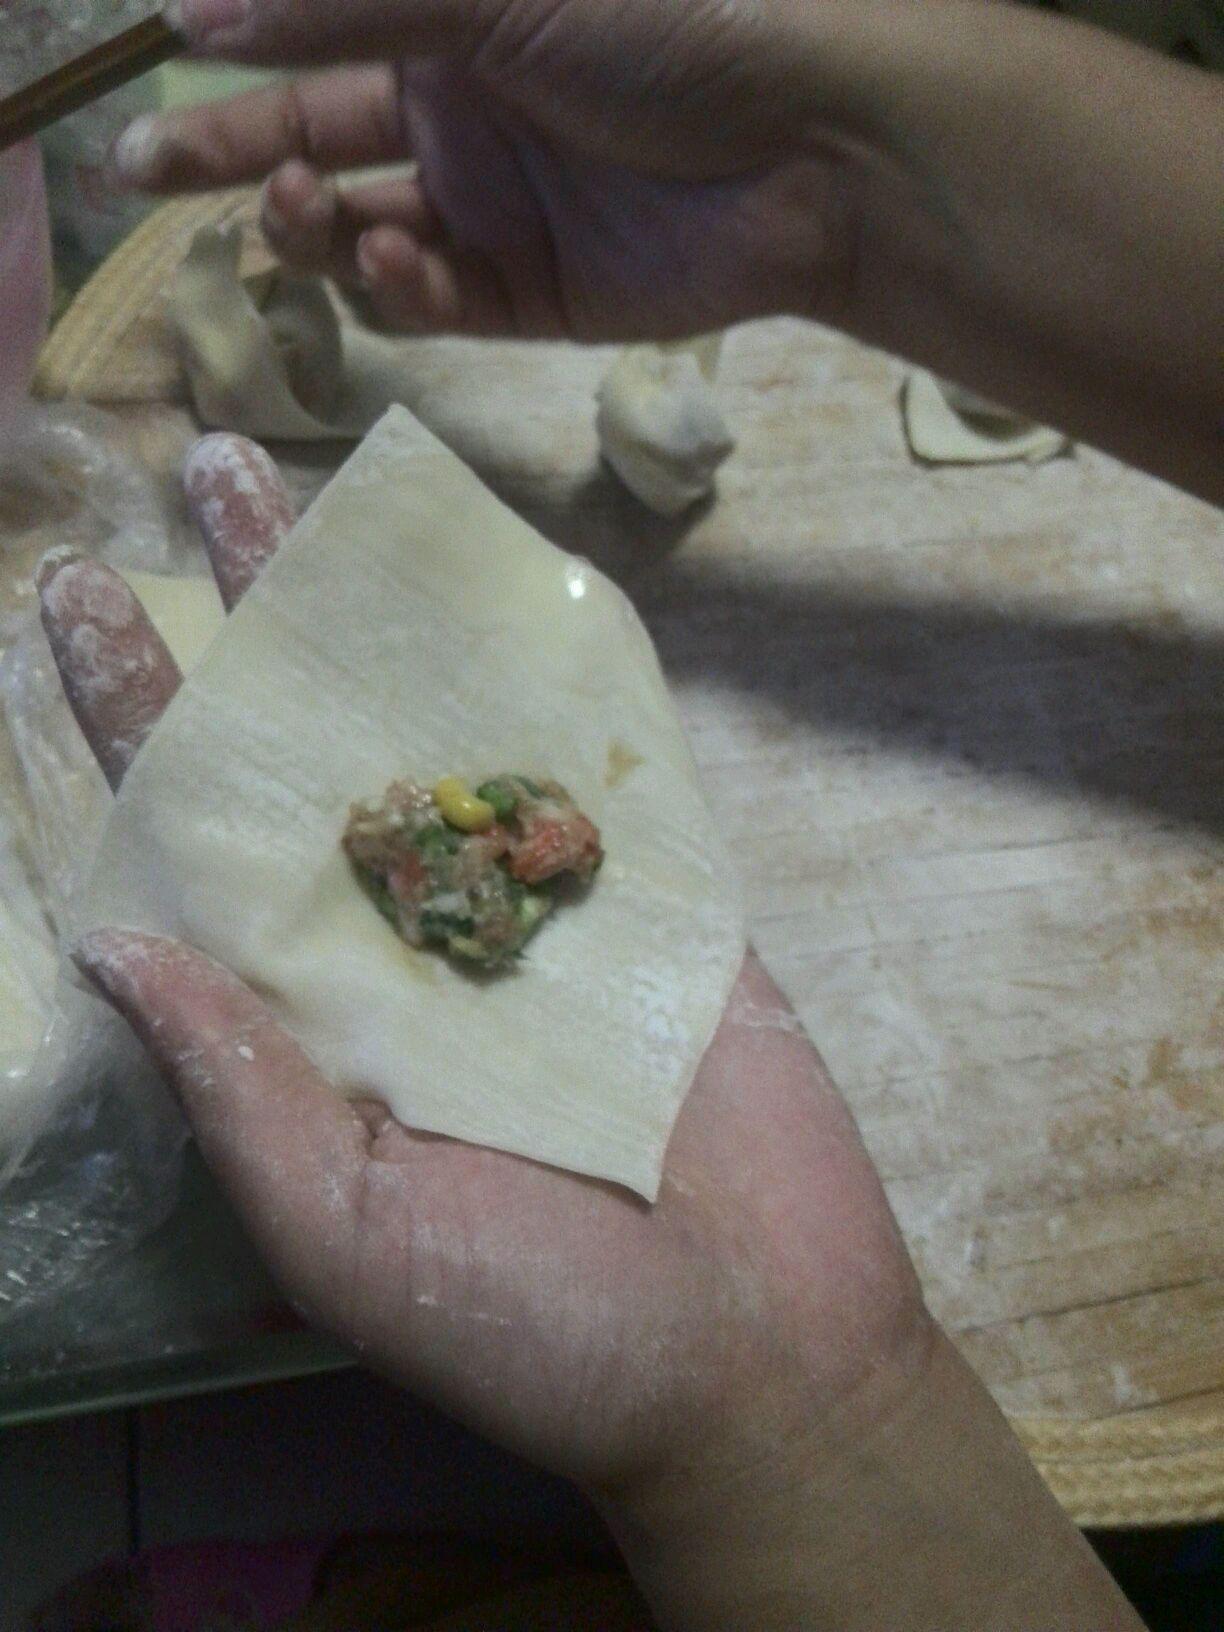 玉米饺子(带馄饨包法)的做法步骤